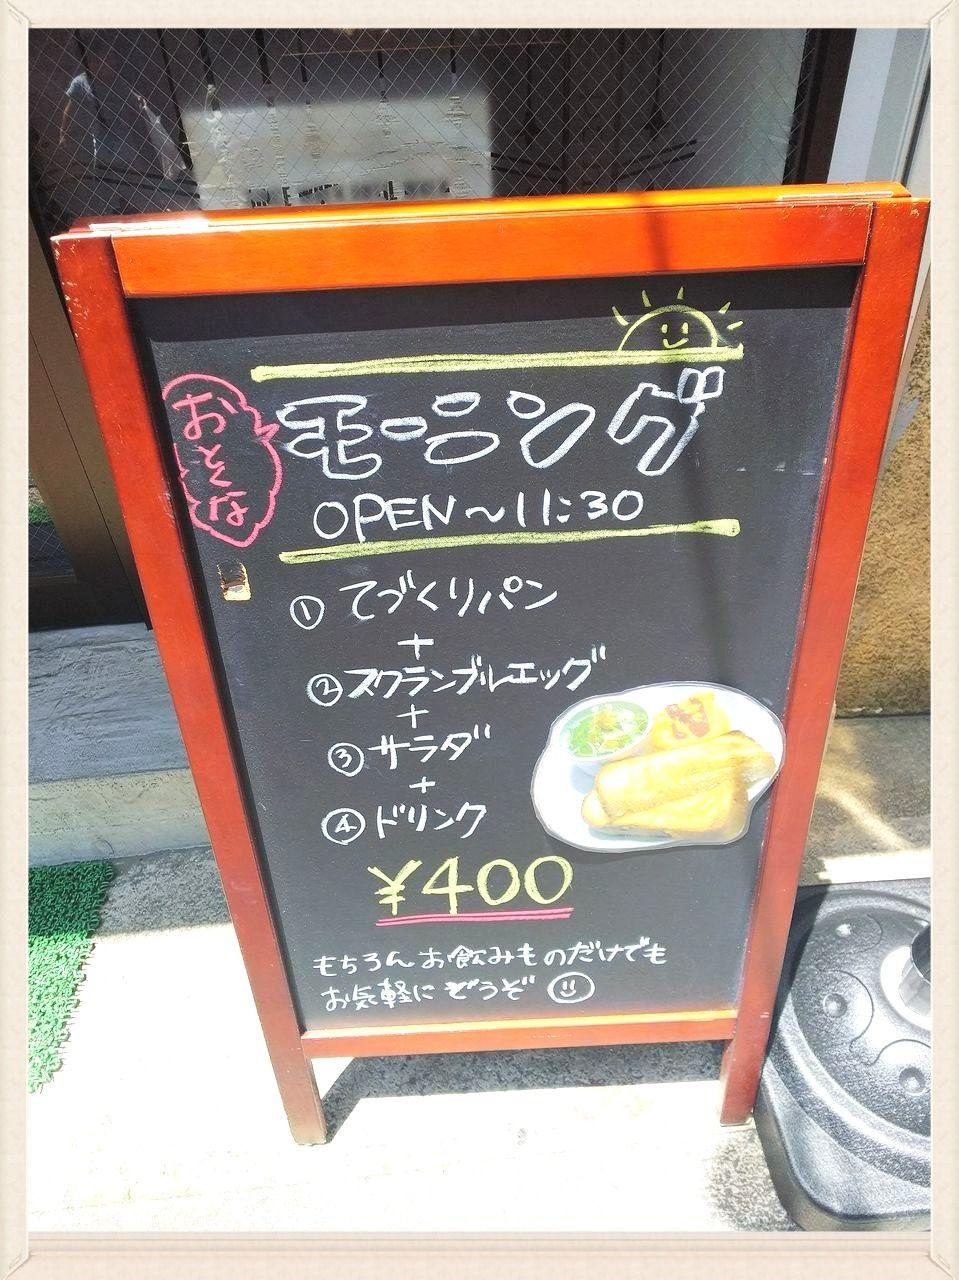 八幡山駅カフェパネトーネのモーニングメニューです。天然酵母のトーストが美味です♪